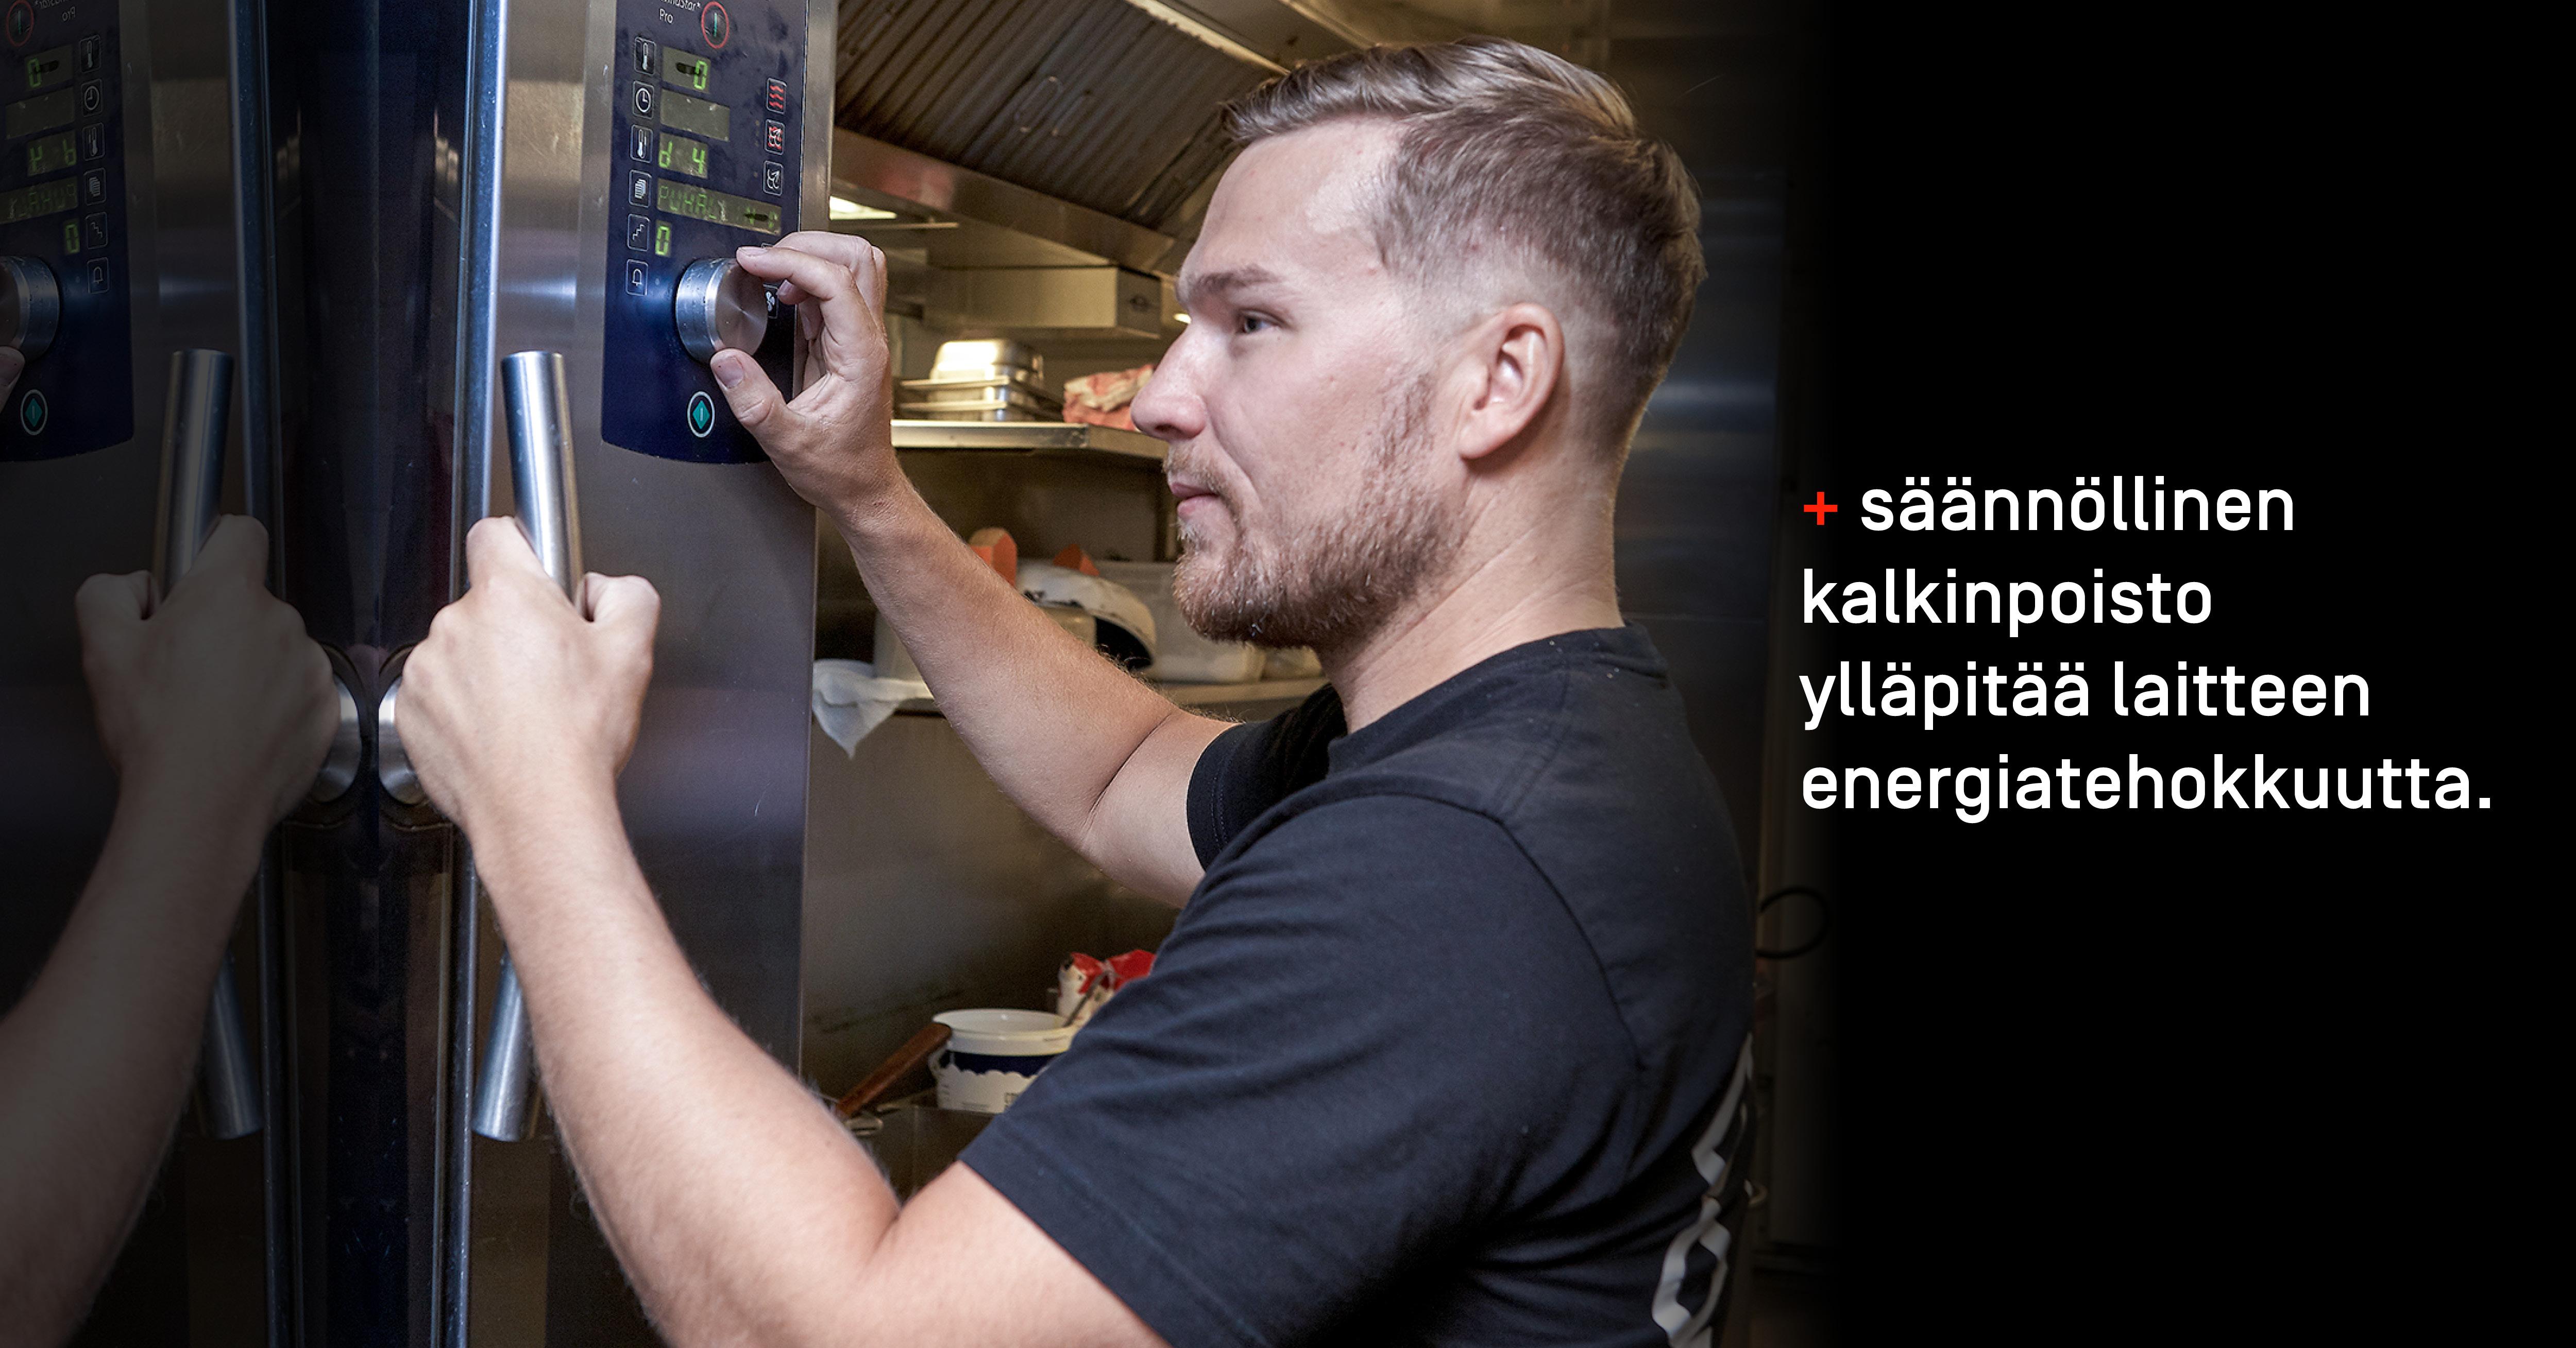 Säännöllinen kalkinpoisto ylläpitää laitteen energiatehokkuutta.